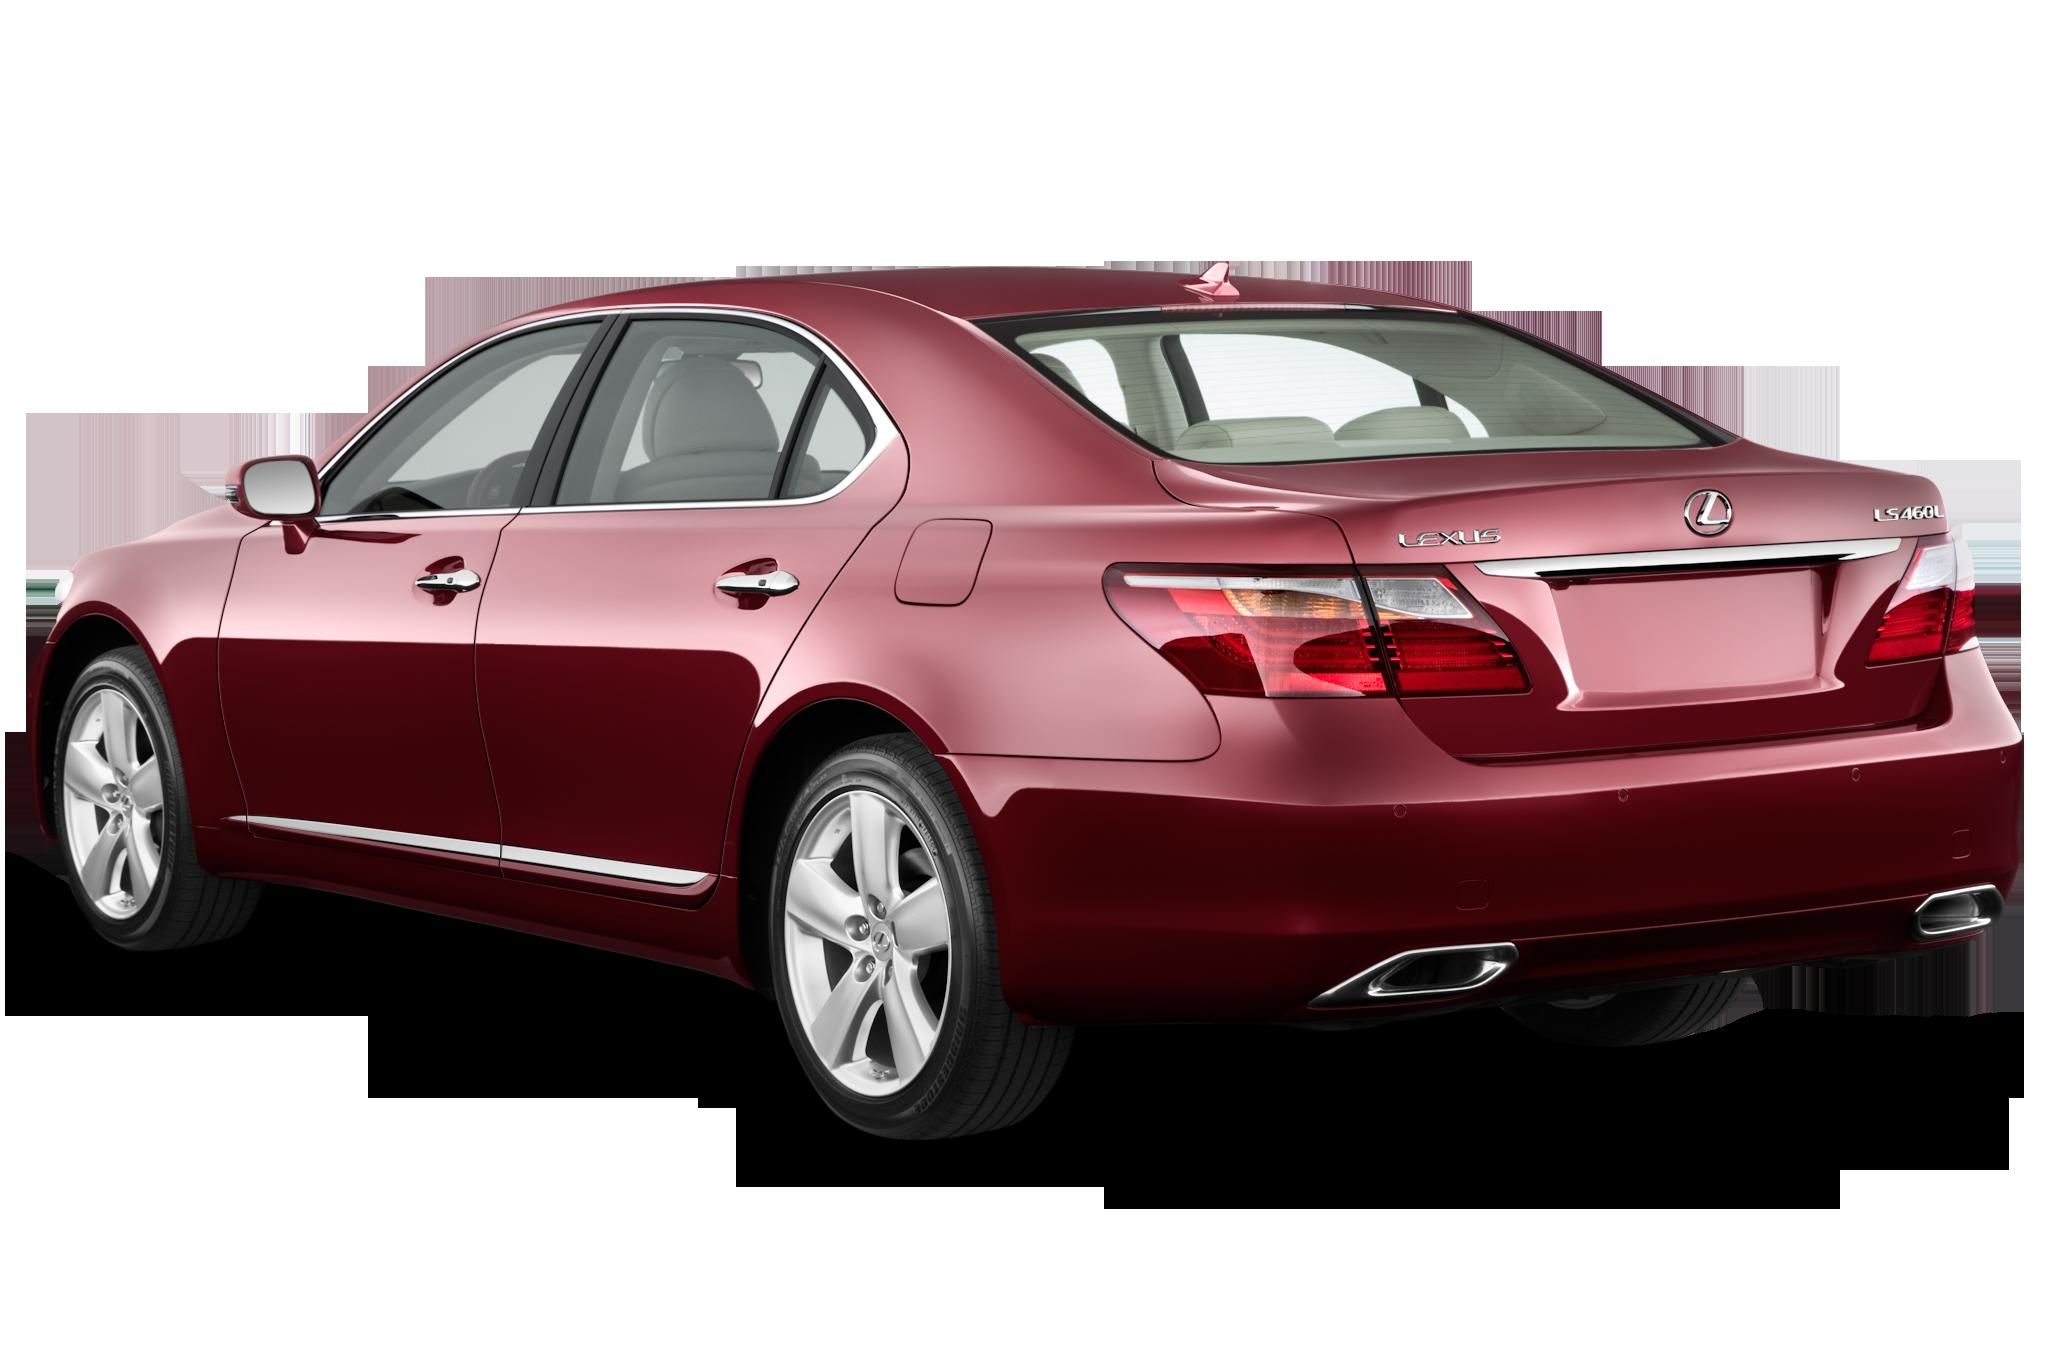 LS-LAND ls-model ls-magazine ls-island 2011-lexus-ls-460-l-sedan-angular-rear. 14|31. 2011-lexus-ls-460-l-sedan-engine